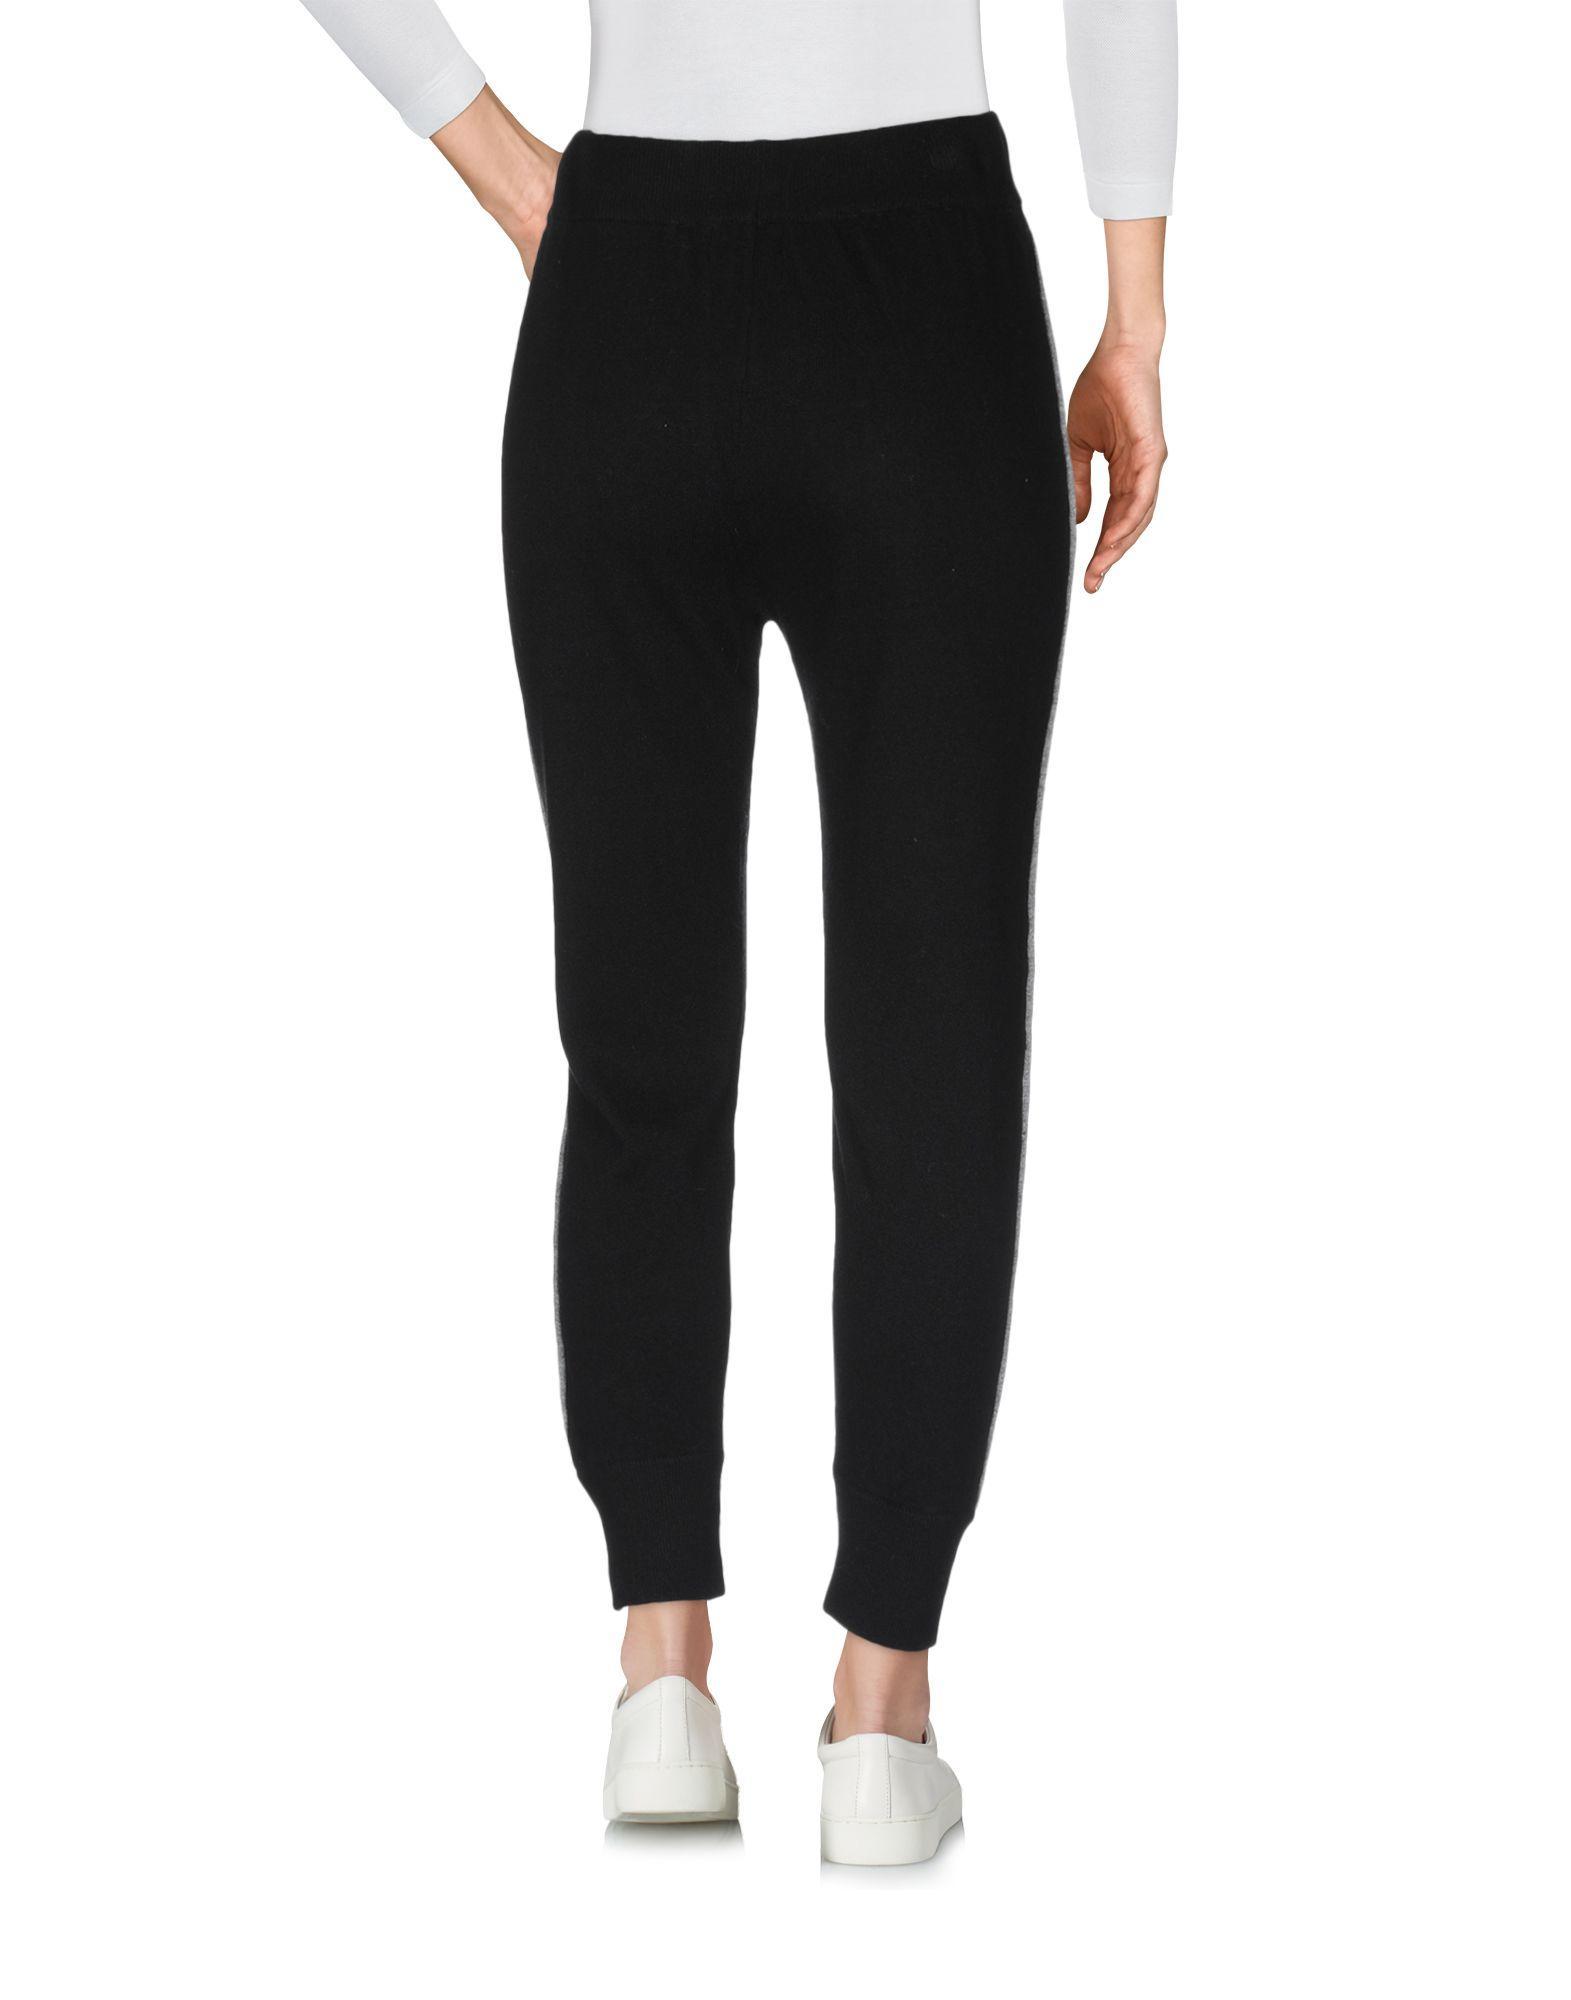 Pantalones CROCHÈ de Lana de color Negro